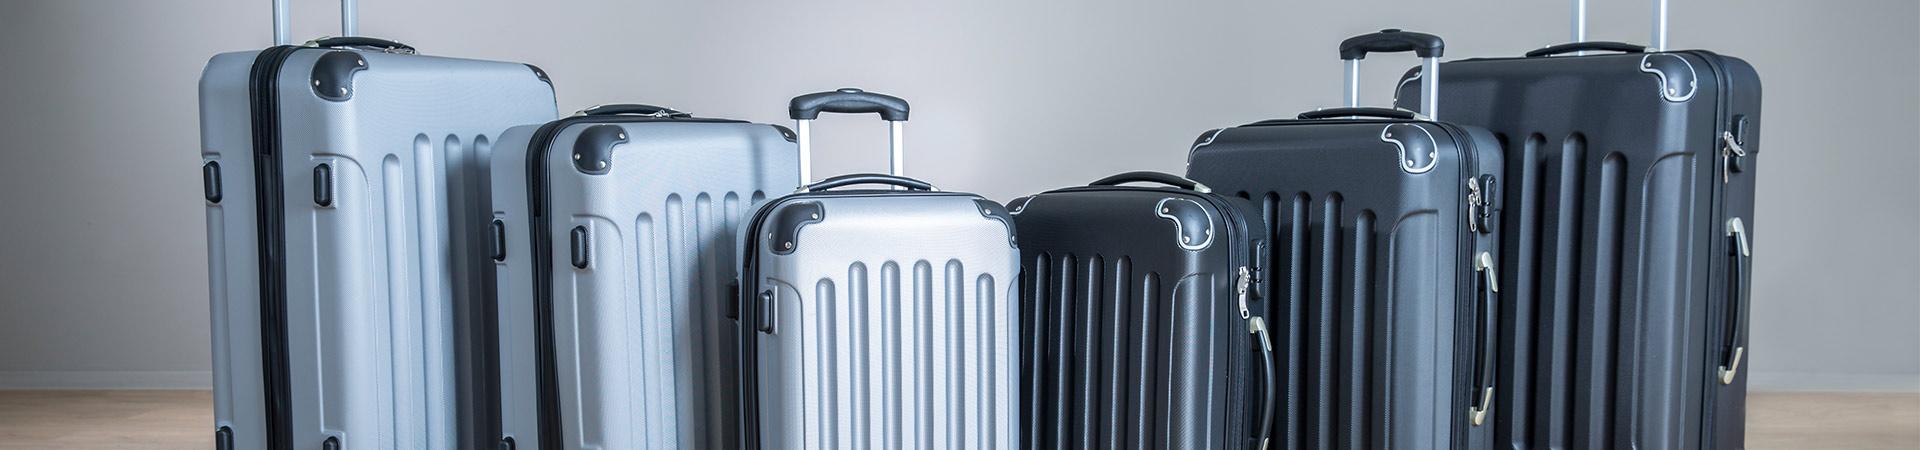 91e371ecd34 Kohvrid ja reisikotid - Säilitus